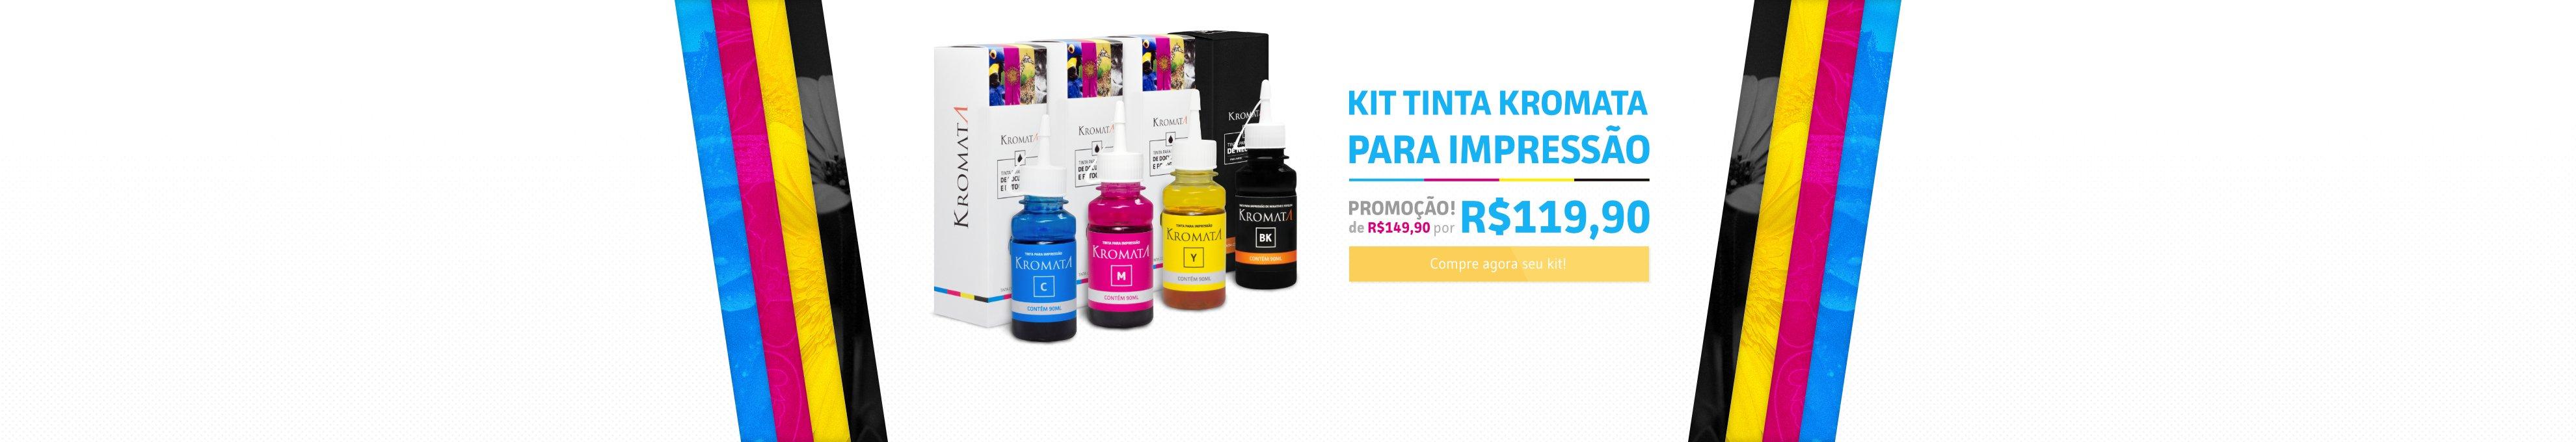 Desconto especial do Kit de tintas coloridas e tinta para negativo